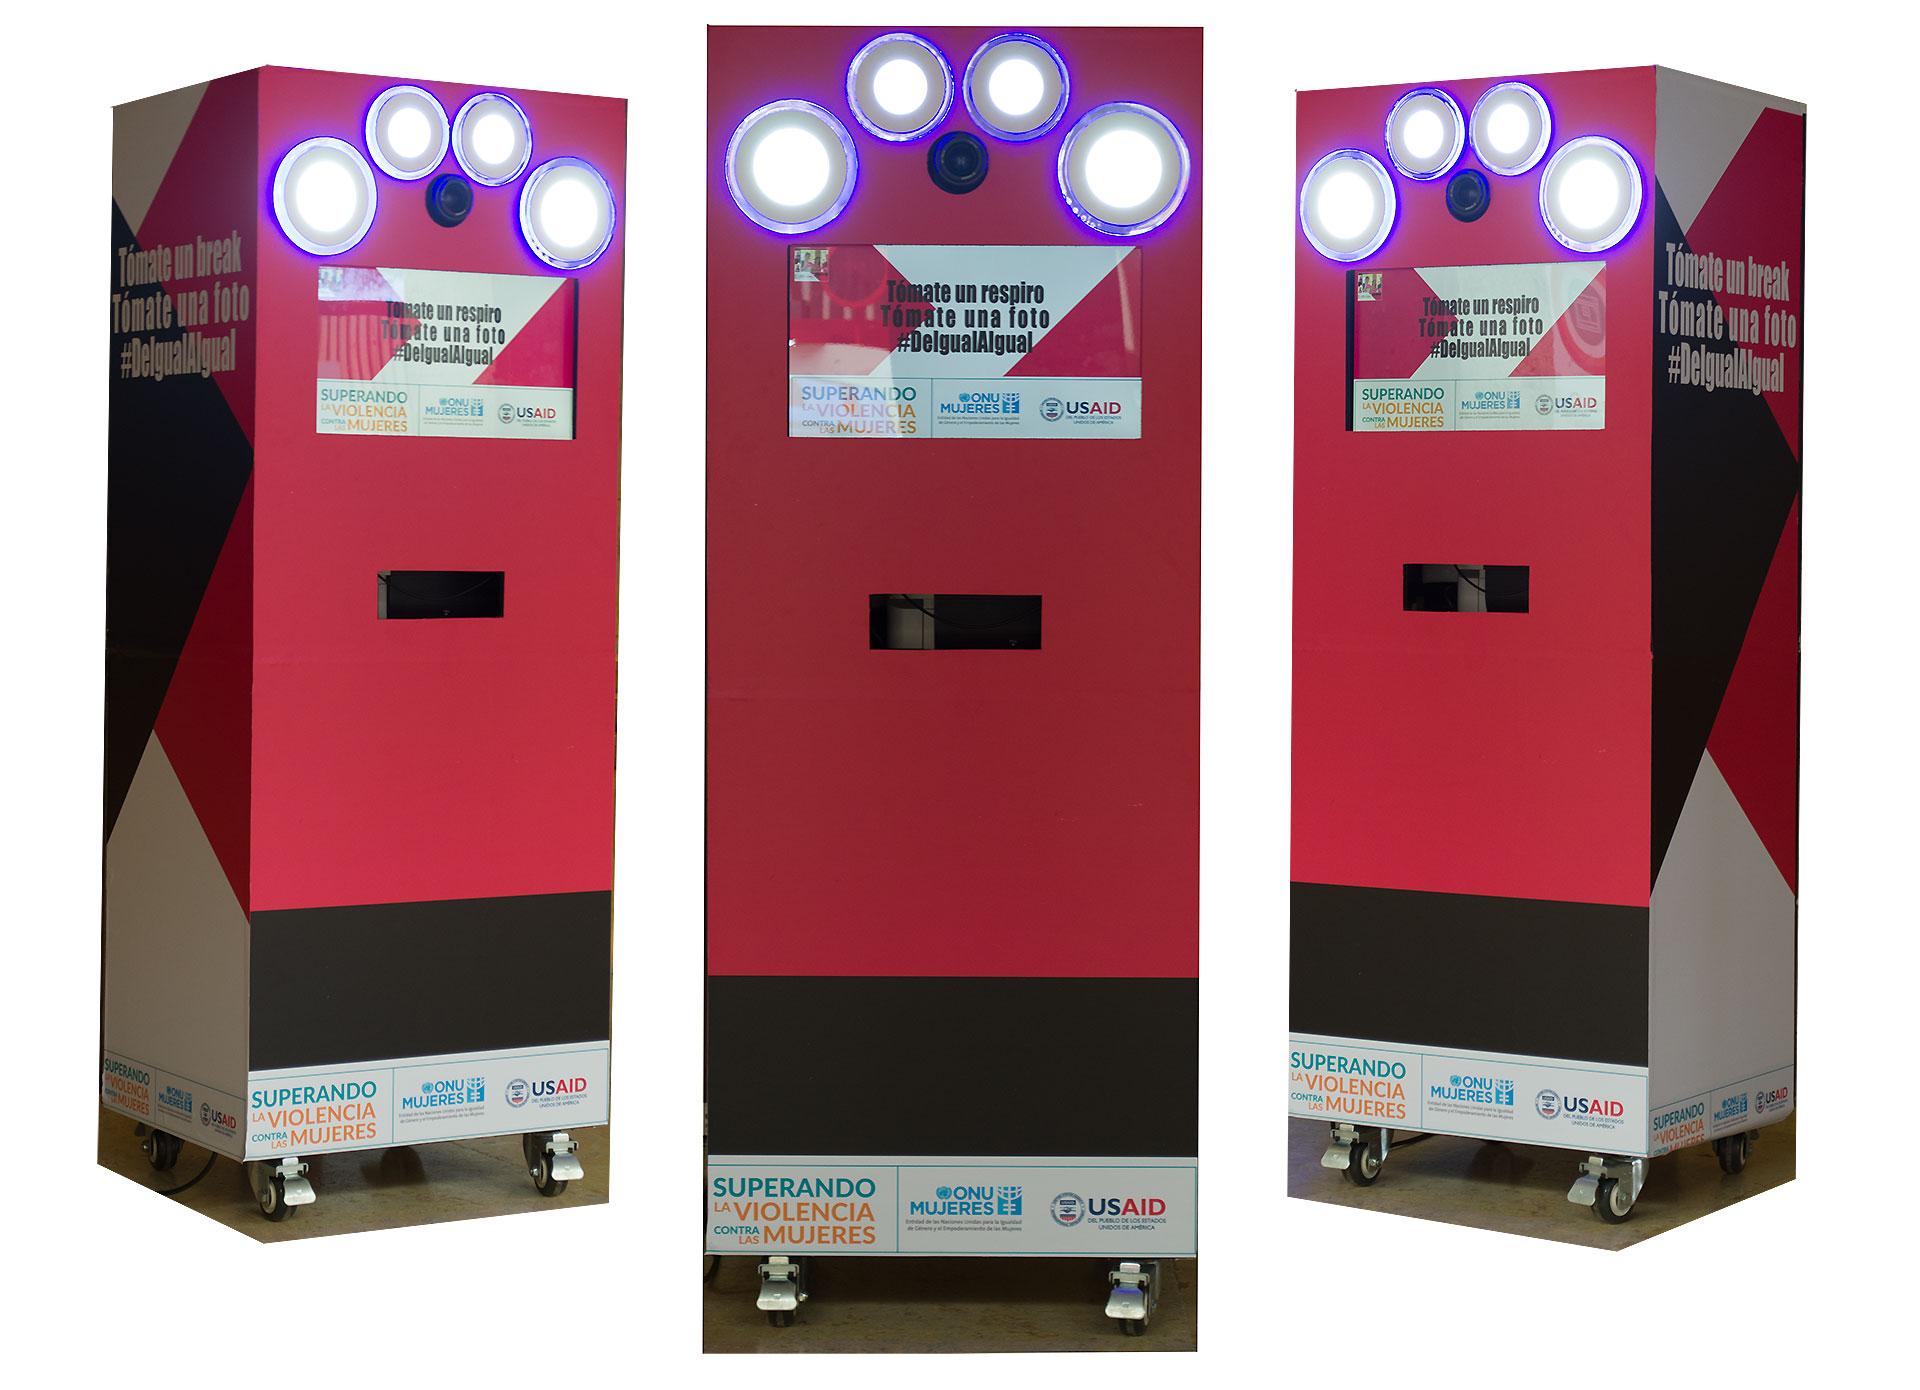 Alquiler de cabinas de fotos en Cartagena para congresos